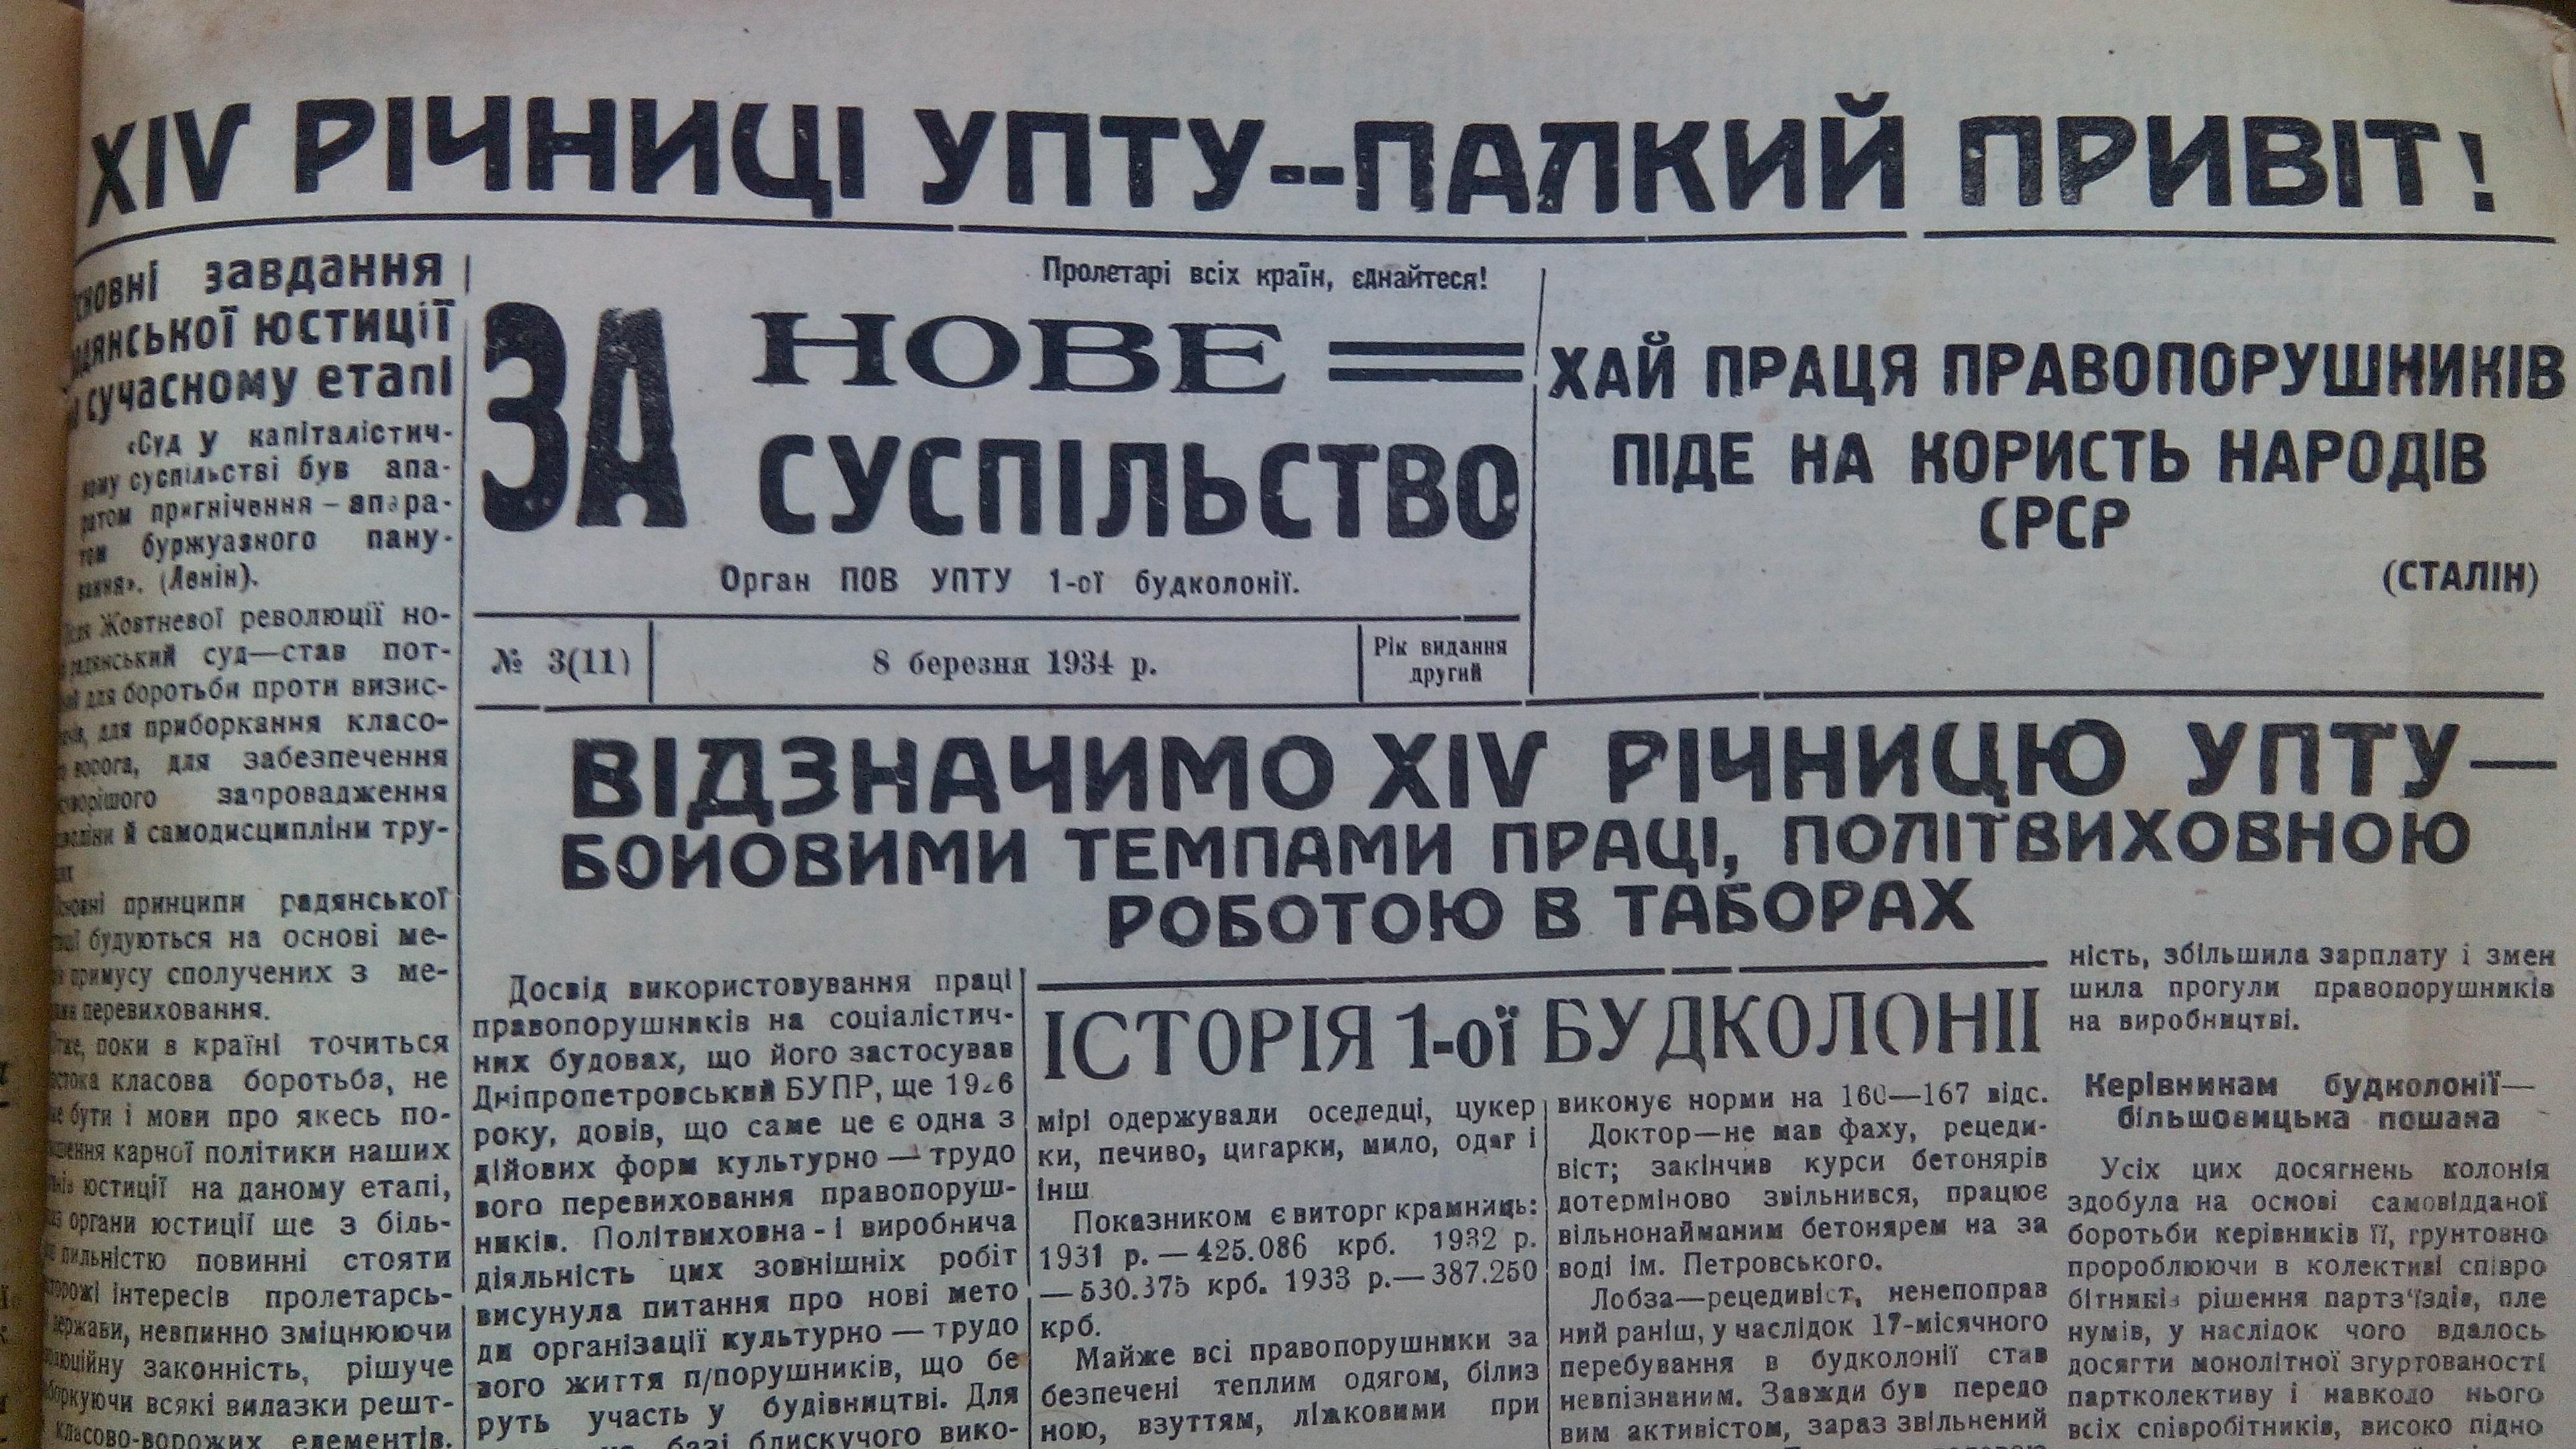 http://images.vfl.ru/ii/1560093369/61fea5a8/26833133.jpg